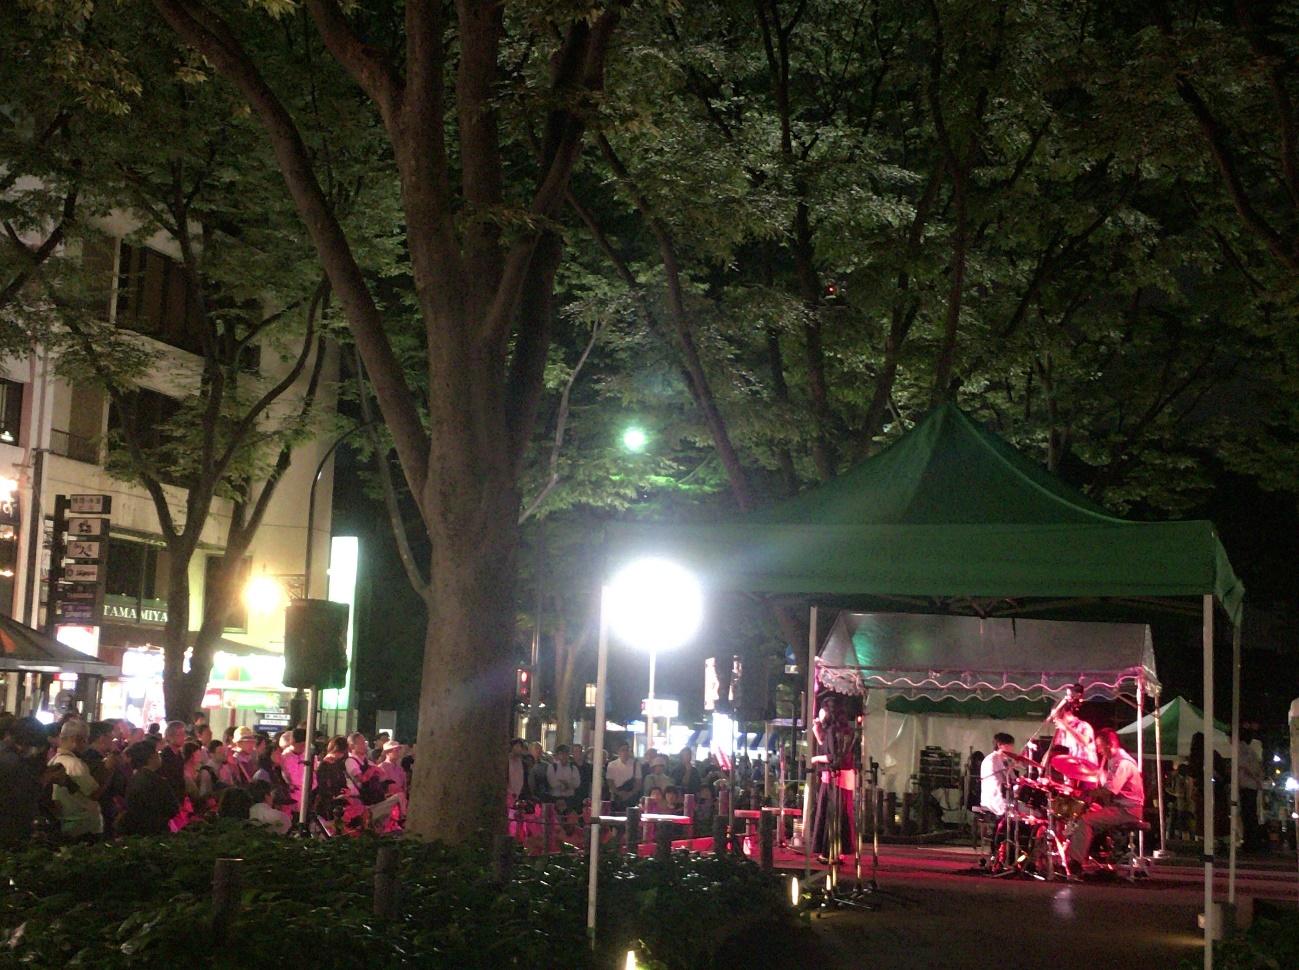 街がステージ!? ~定禅寺ストリートジャズフェスティバル~